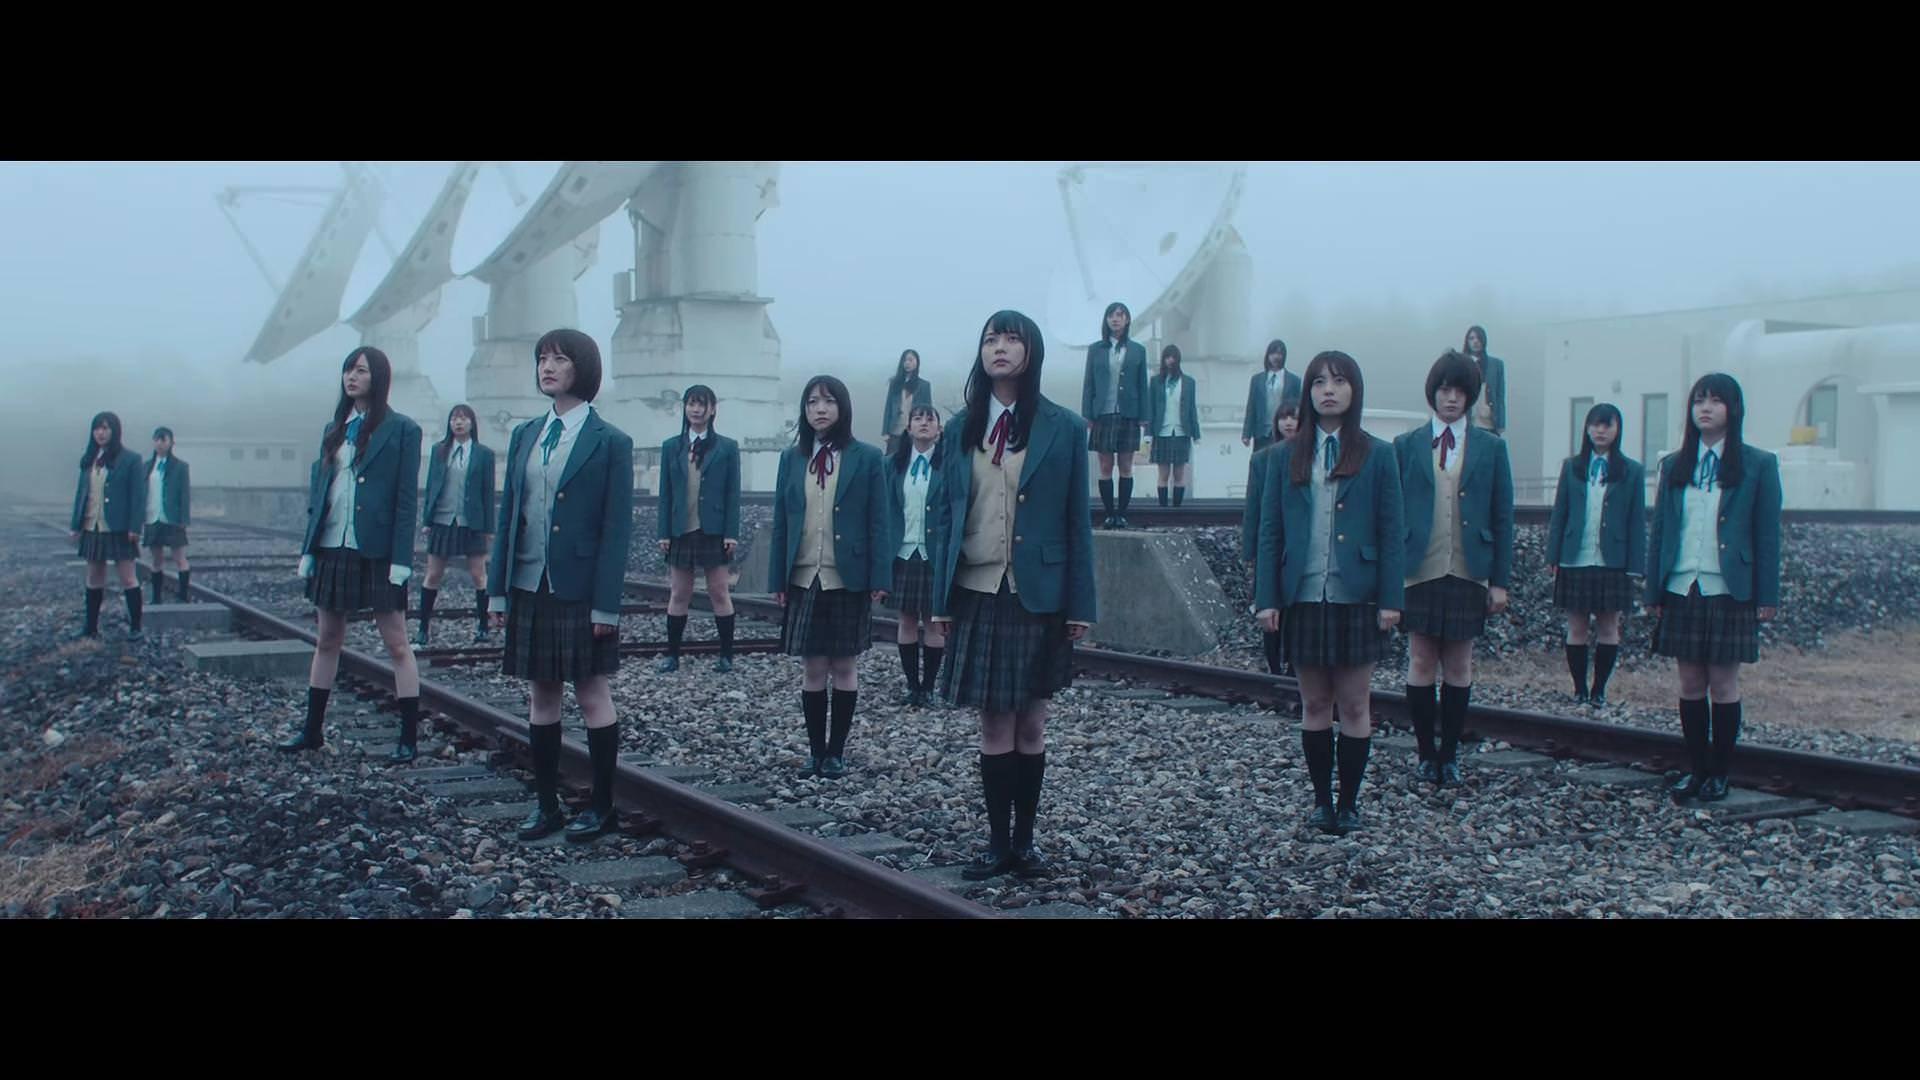 乃木坂46 20thアンダー曲「新しい世界」MV